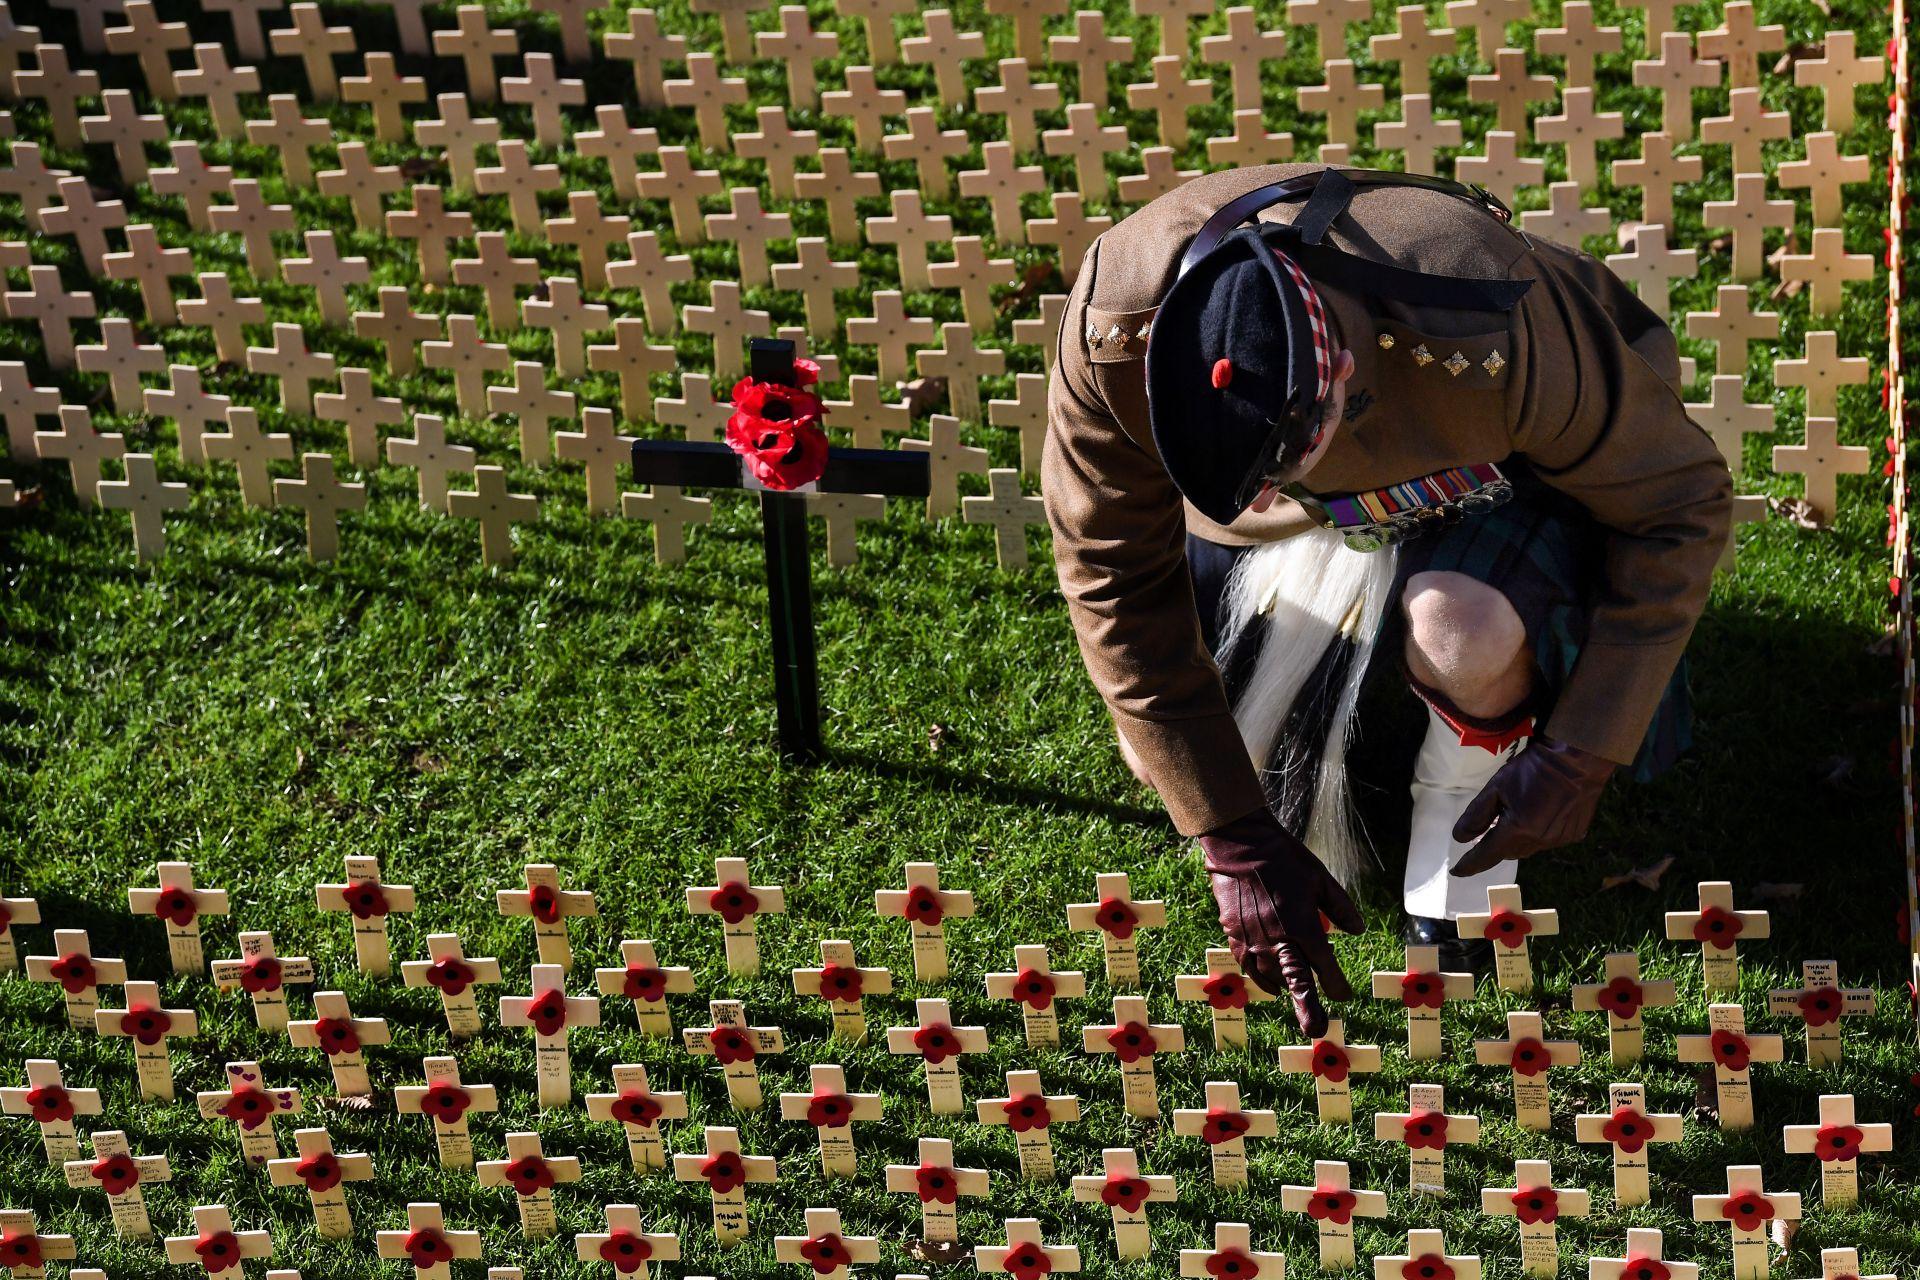 29 октомври, Единбург - стотици кръстове с макове в памет на загиналите в Първата световна война